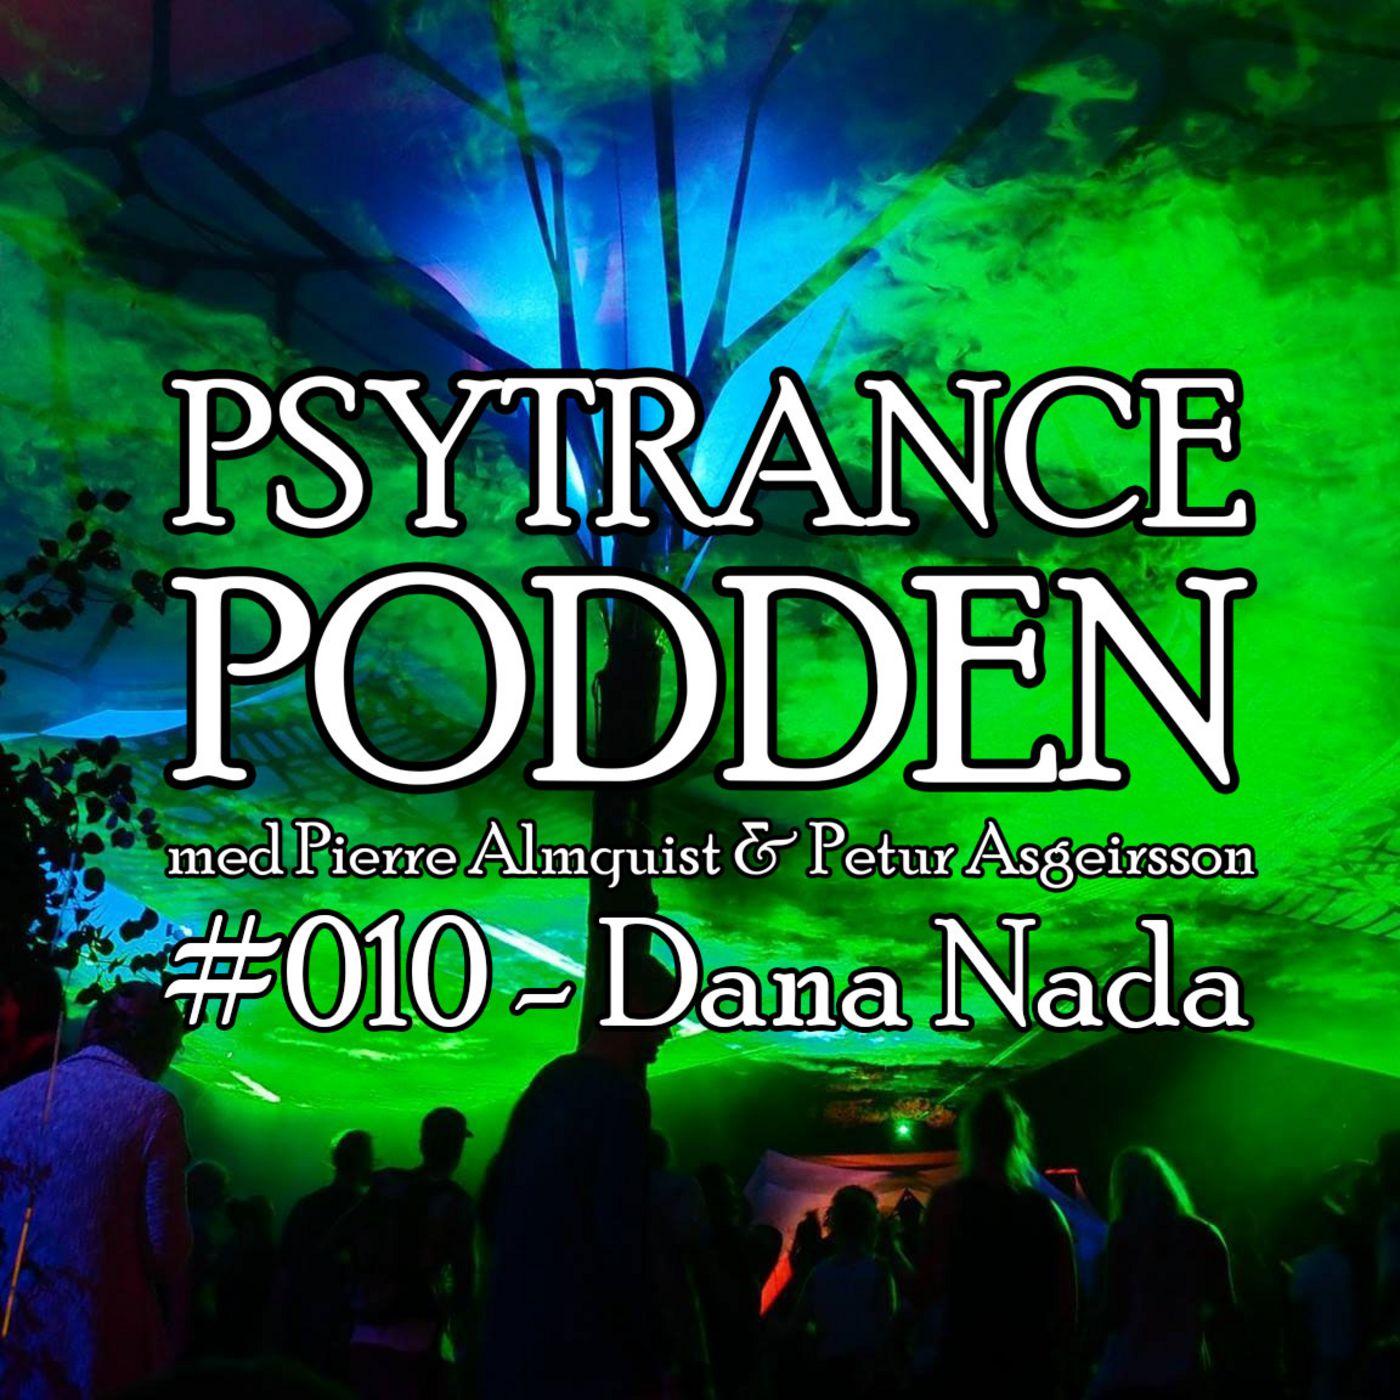 #010 - Dana Nada